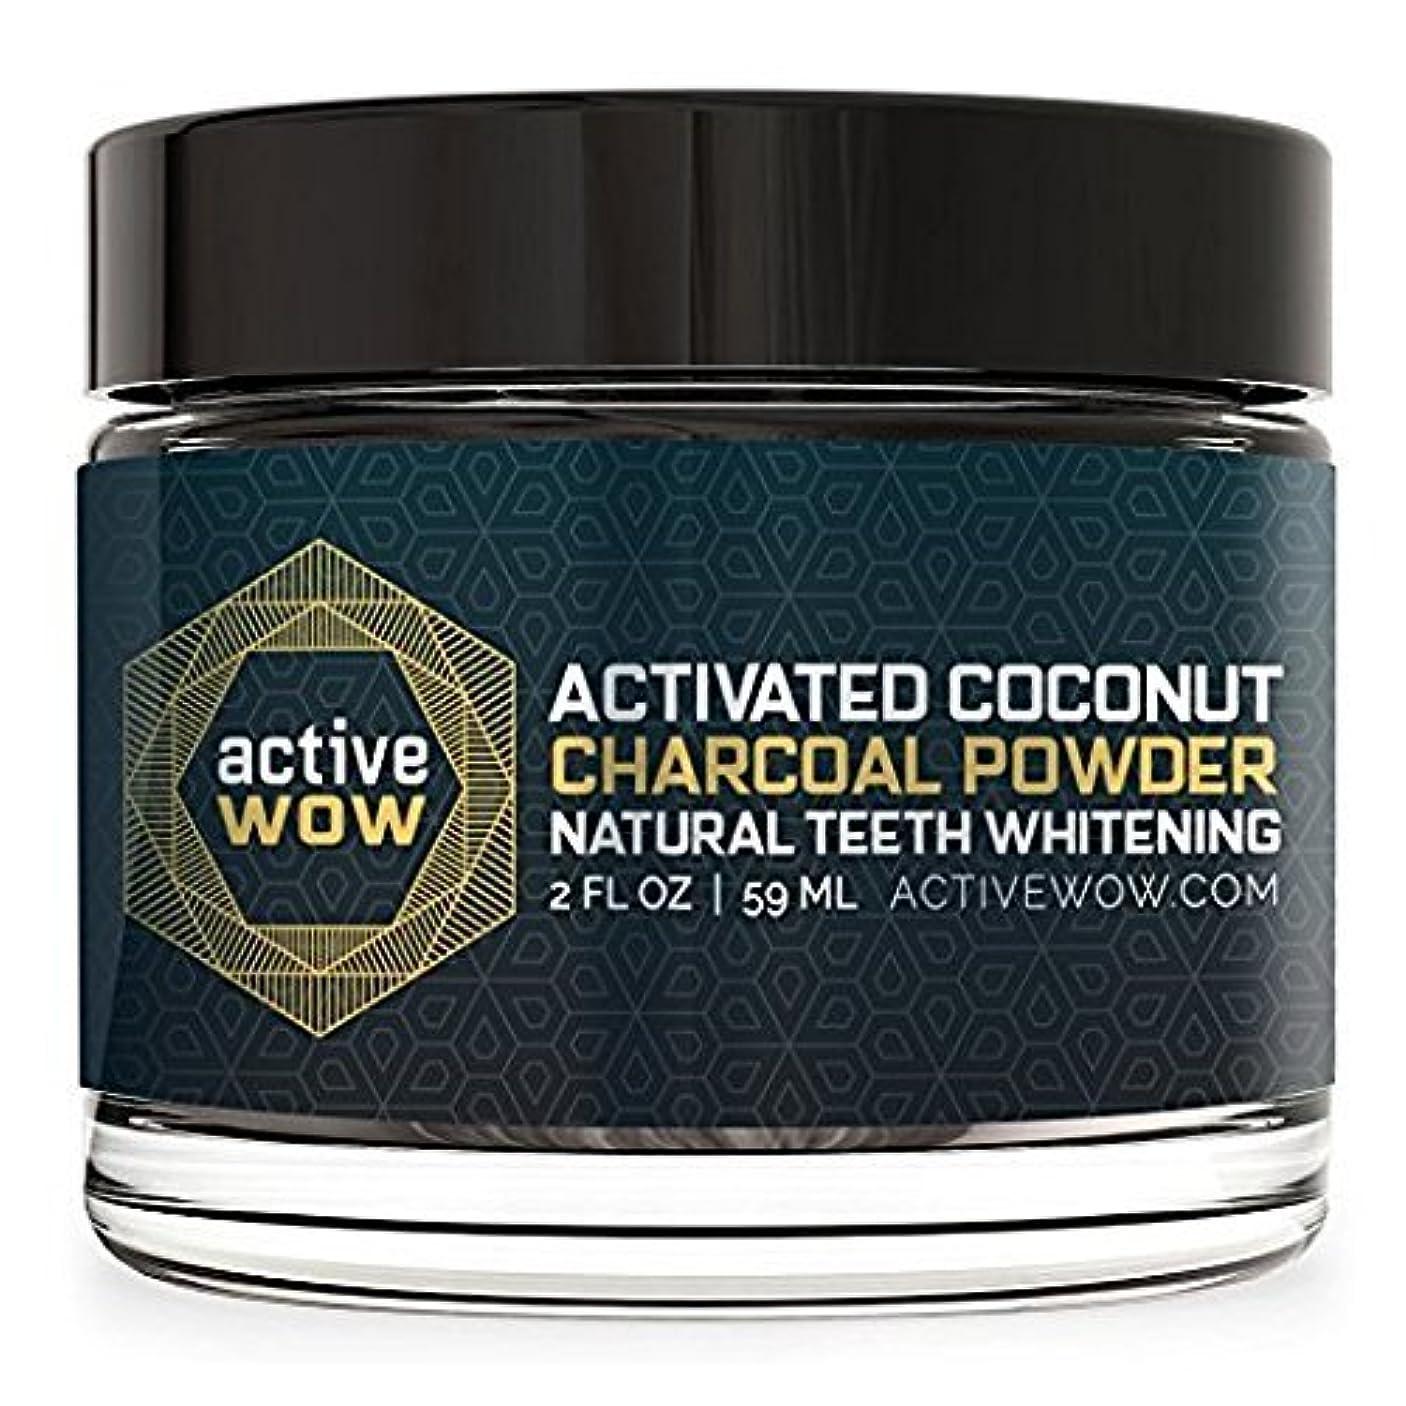 放棄タバコ疑問に思うアメリカで売れている 炭パウダー歯のホワイトニング Teeth Whitening Charcoal Powder Natural [並行輸入品]